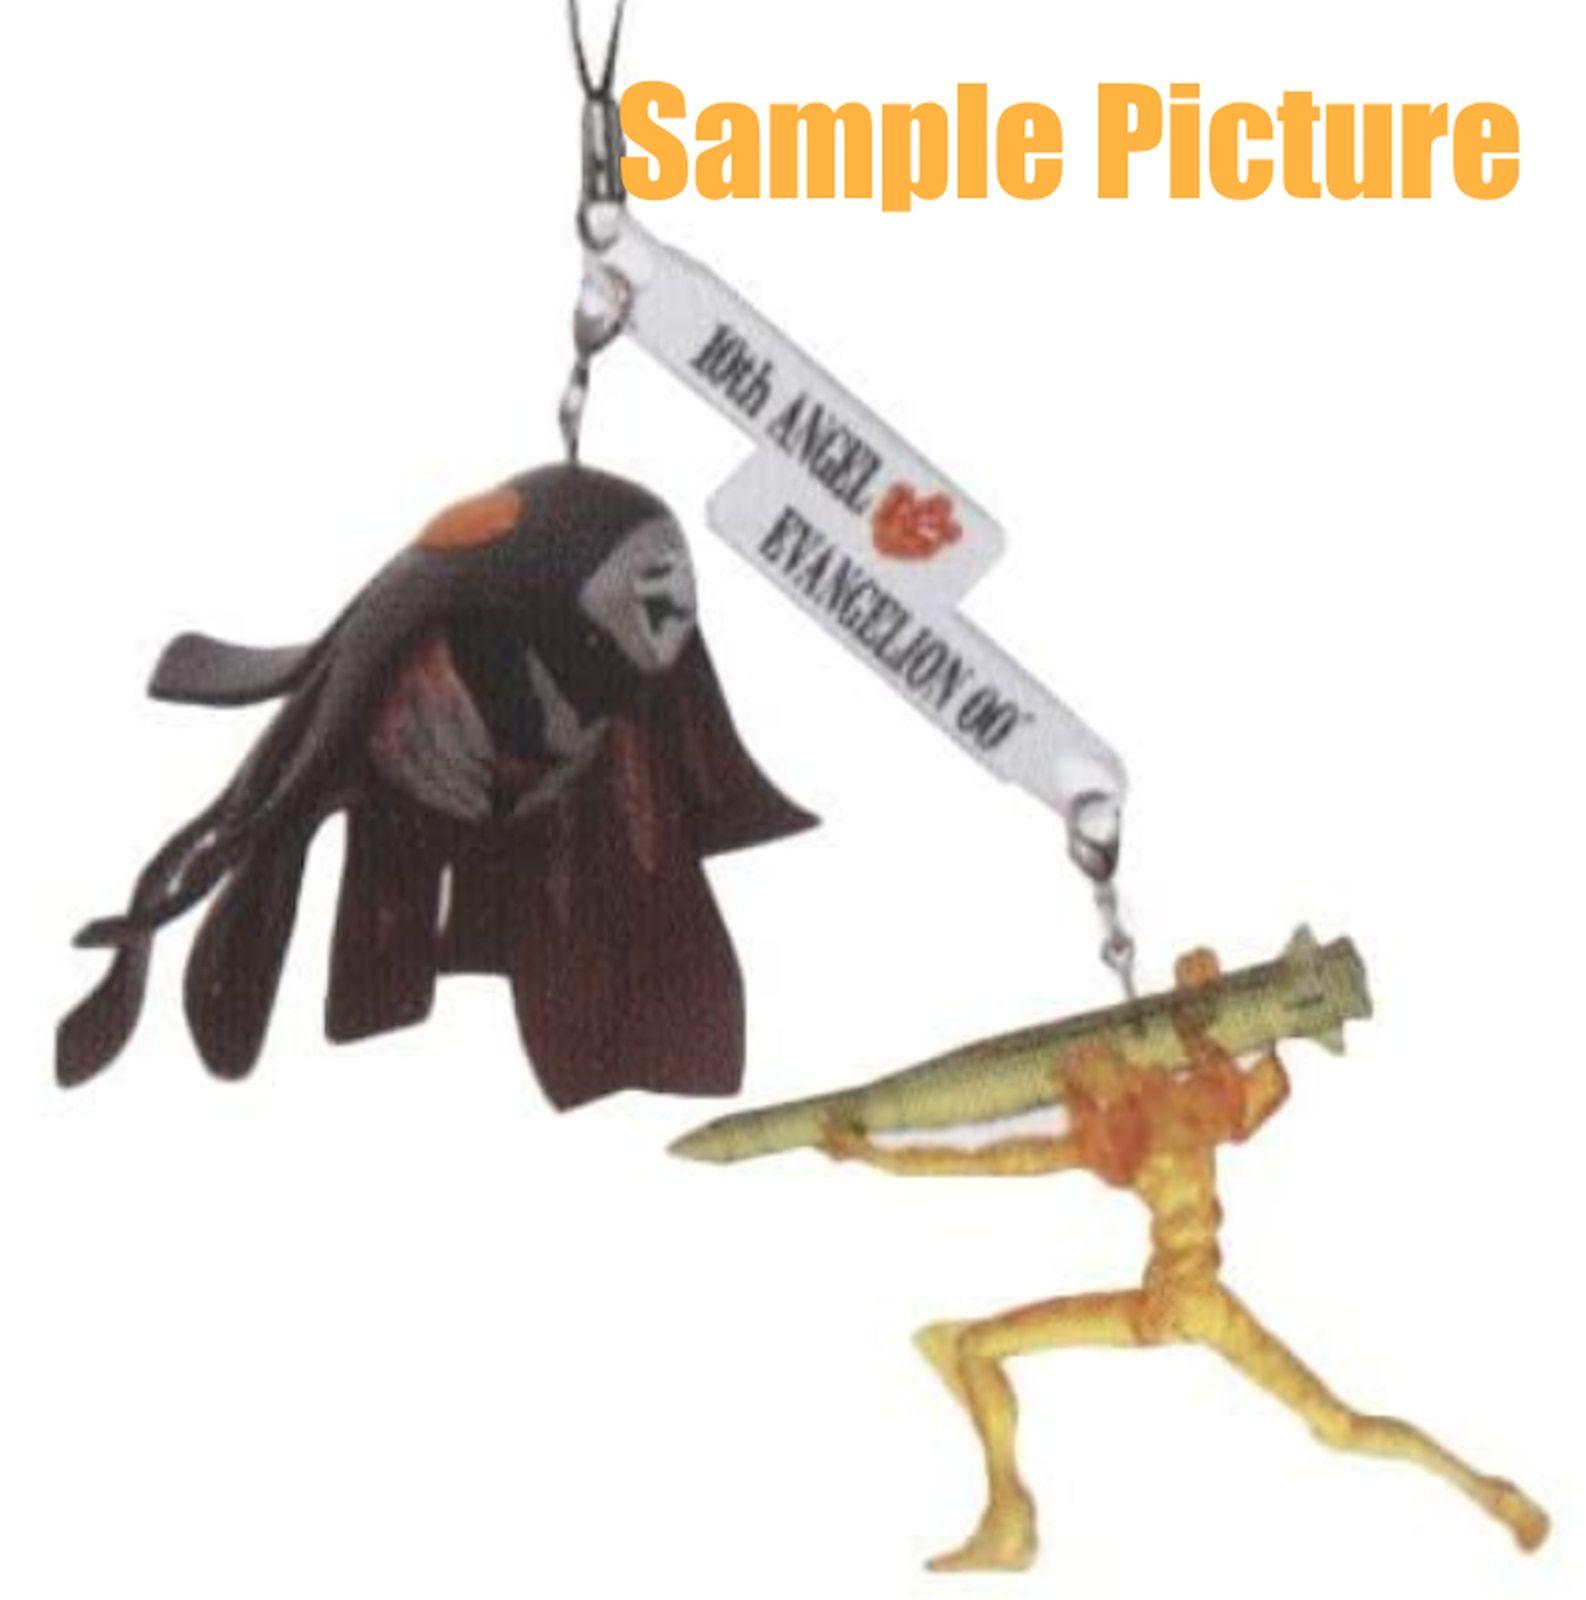 Evangelion Eva 00 Vs Zeruel Angel Twin Figure Strap Japan Anime In 2020 Evangelion Anime Evangelion Kaworu